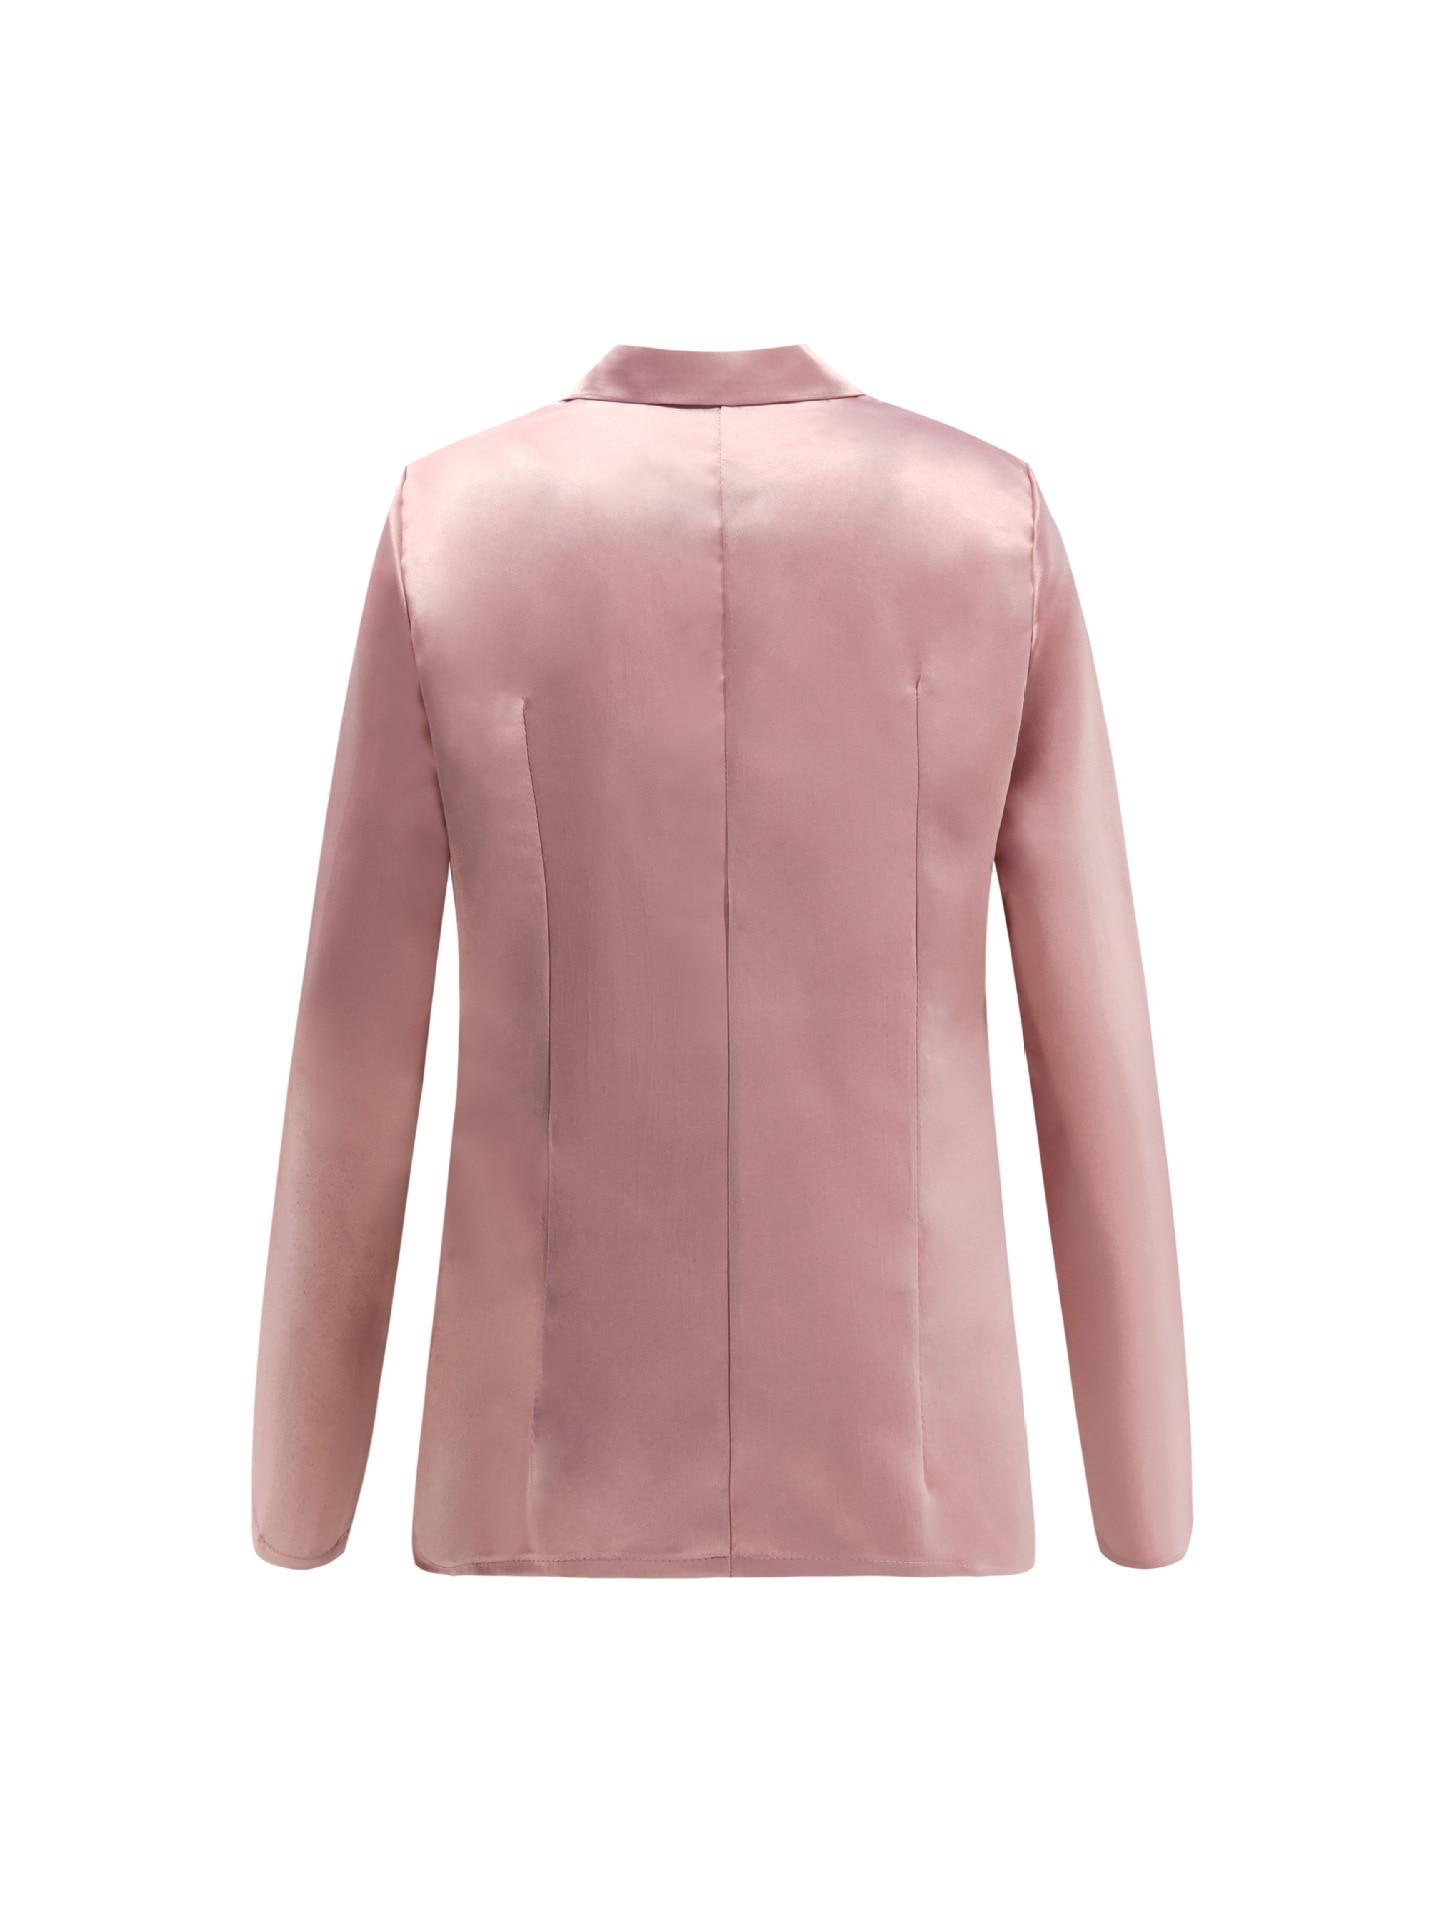 Solide Oberbekleidung Arbeitskleidung Feminino Strickjacke Büro Blazer Frauen Mode Blazer Tasten OL Business Anzüge Outfit Winer Top M0371